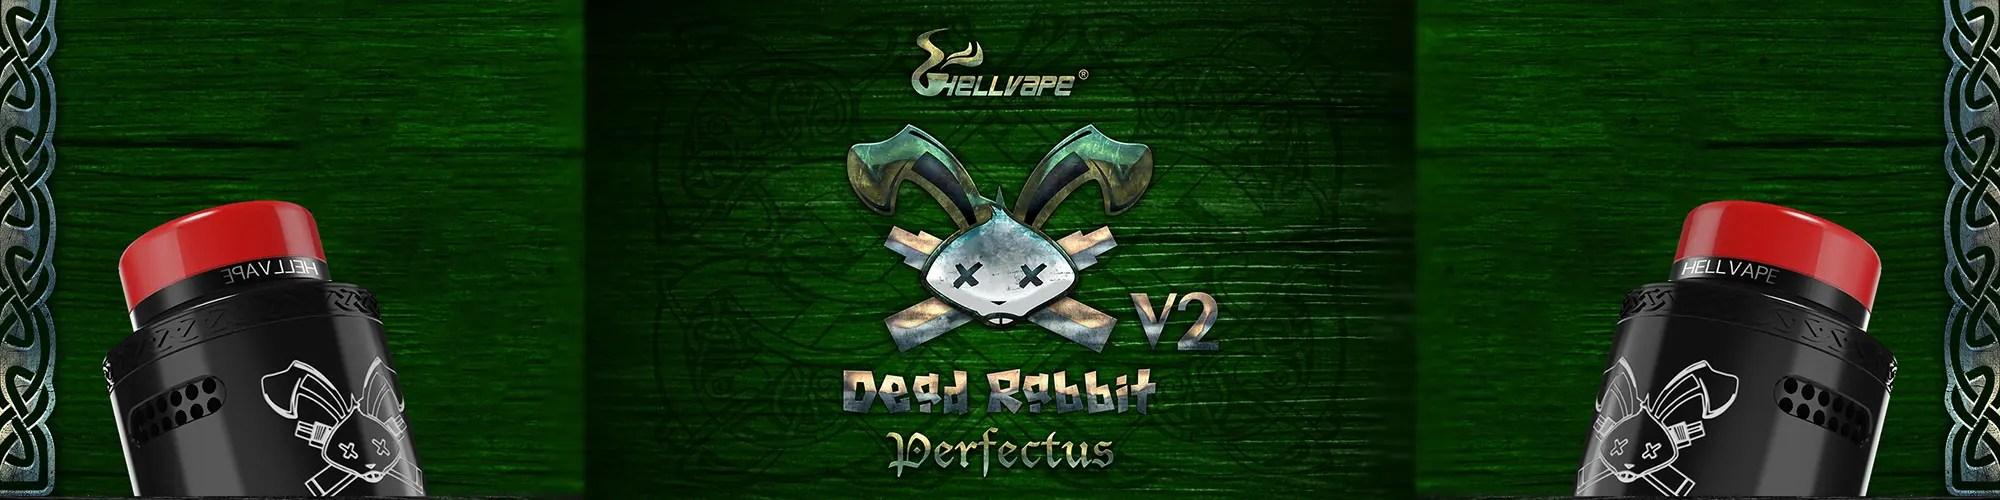 Dead Rabbit V2 RDA Review Main Banner